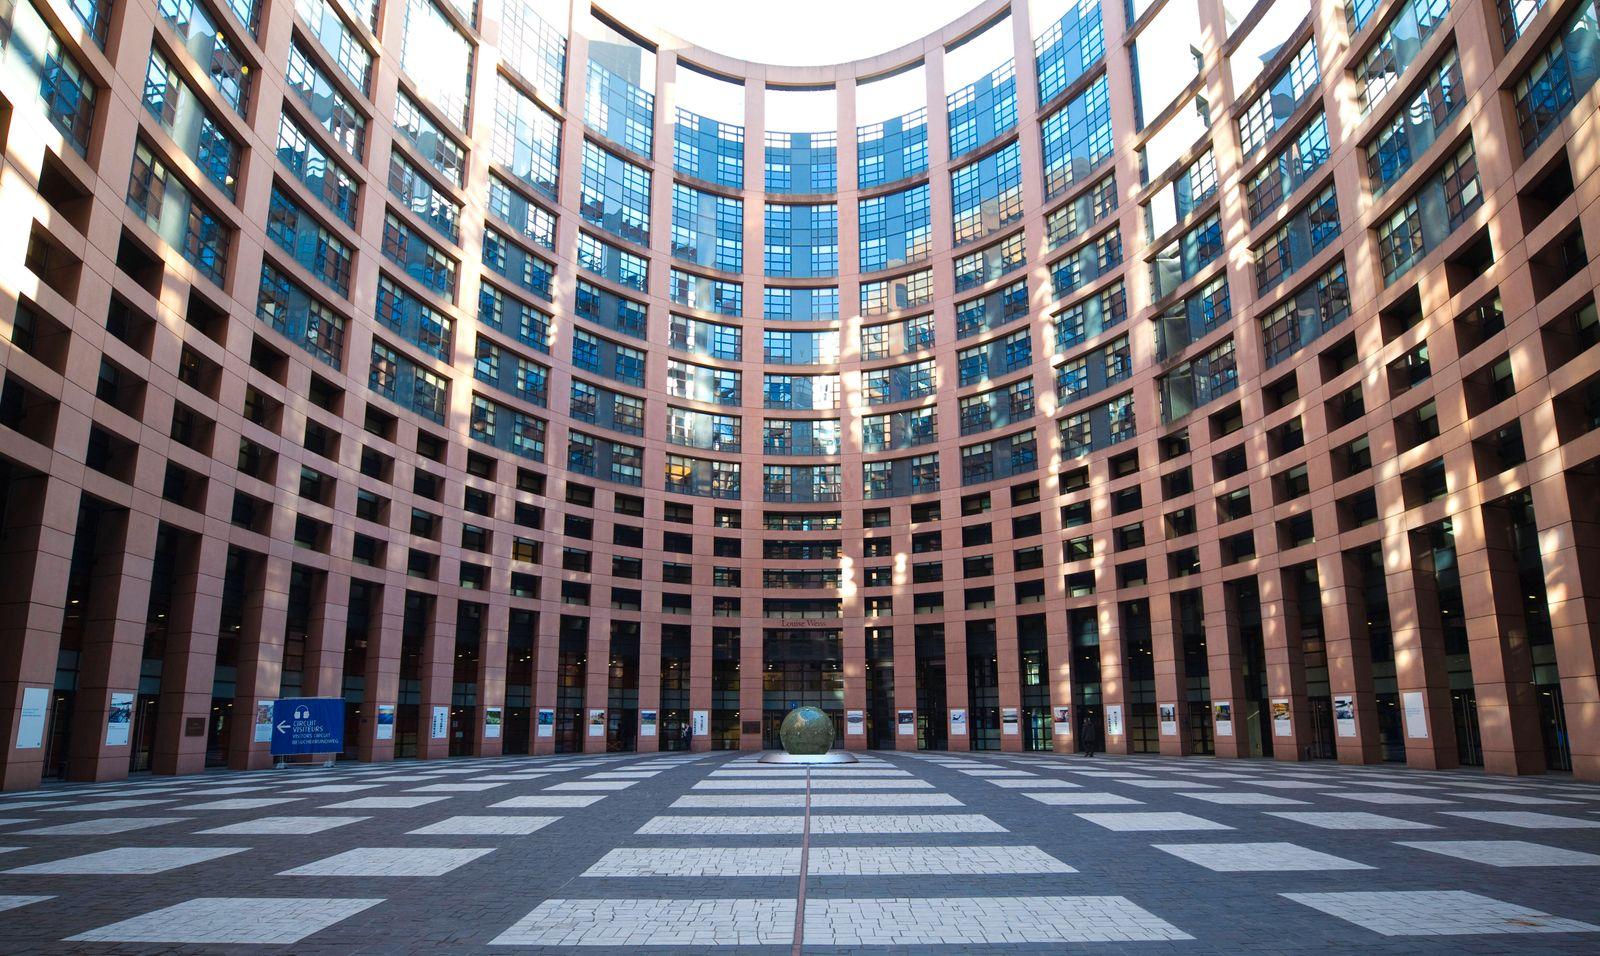 Strasbourg, France - February 05, 2020: German-French Parliamentary Assembly / Deutsch-Französische Parlamentarische Ver